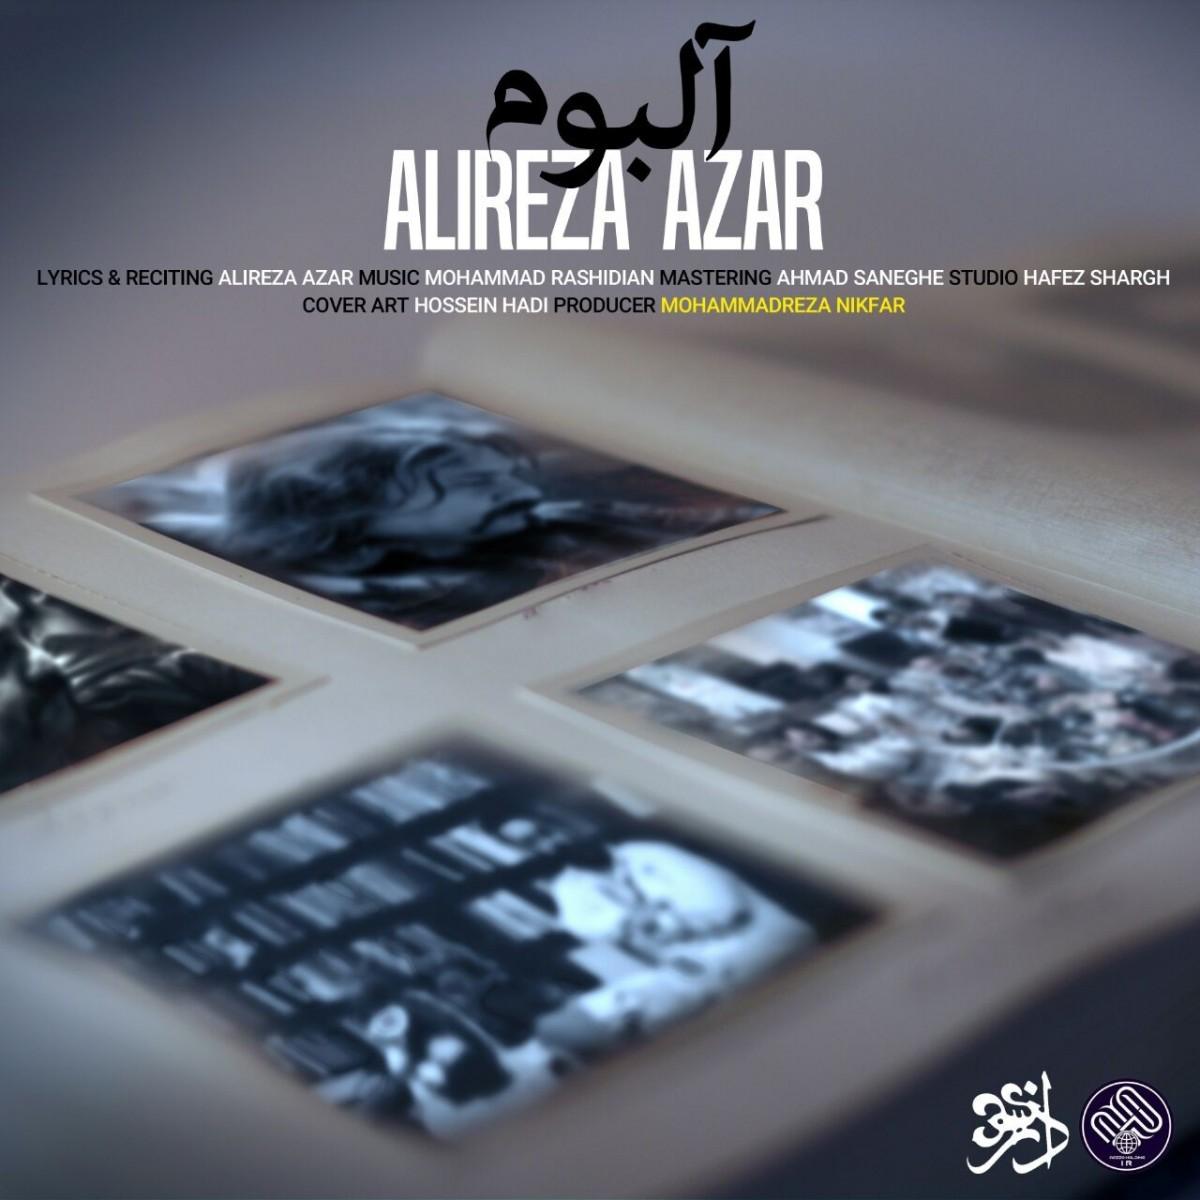 نامبر وان موزیک | دانلود آهنگ جدید alireza-azar-album